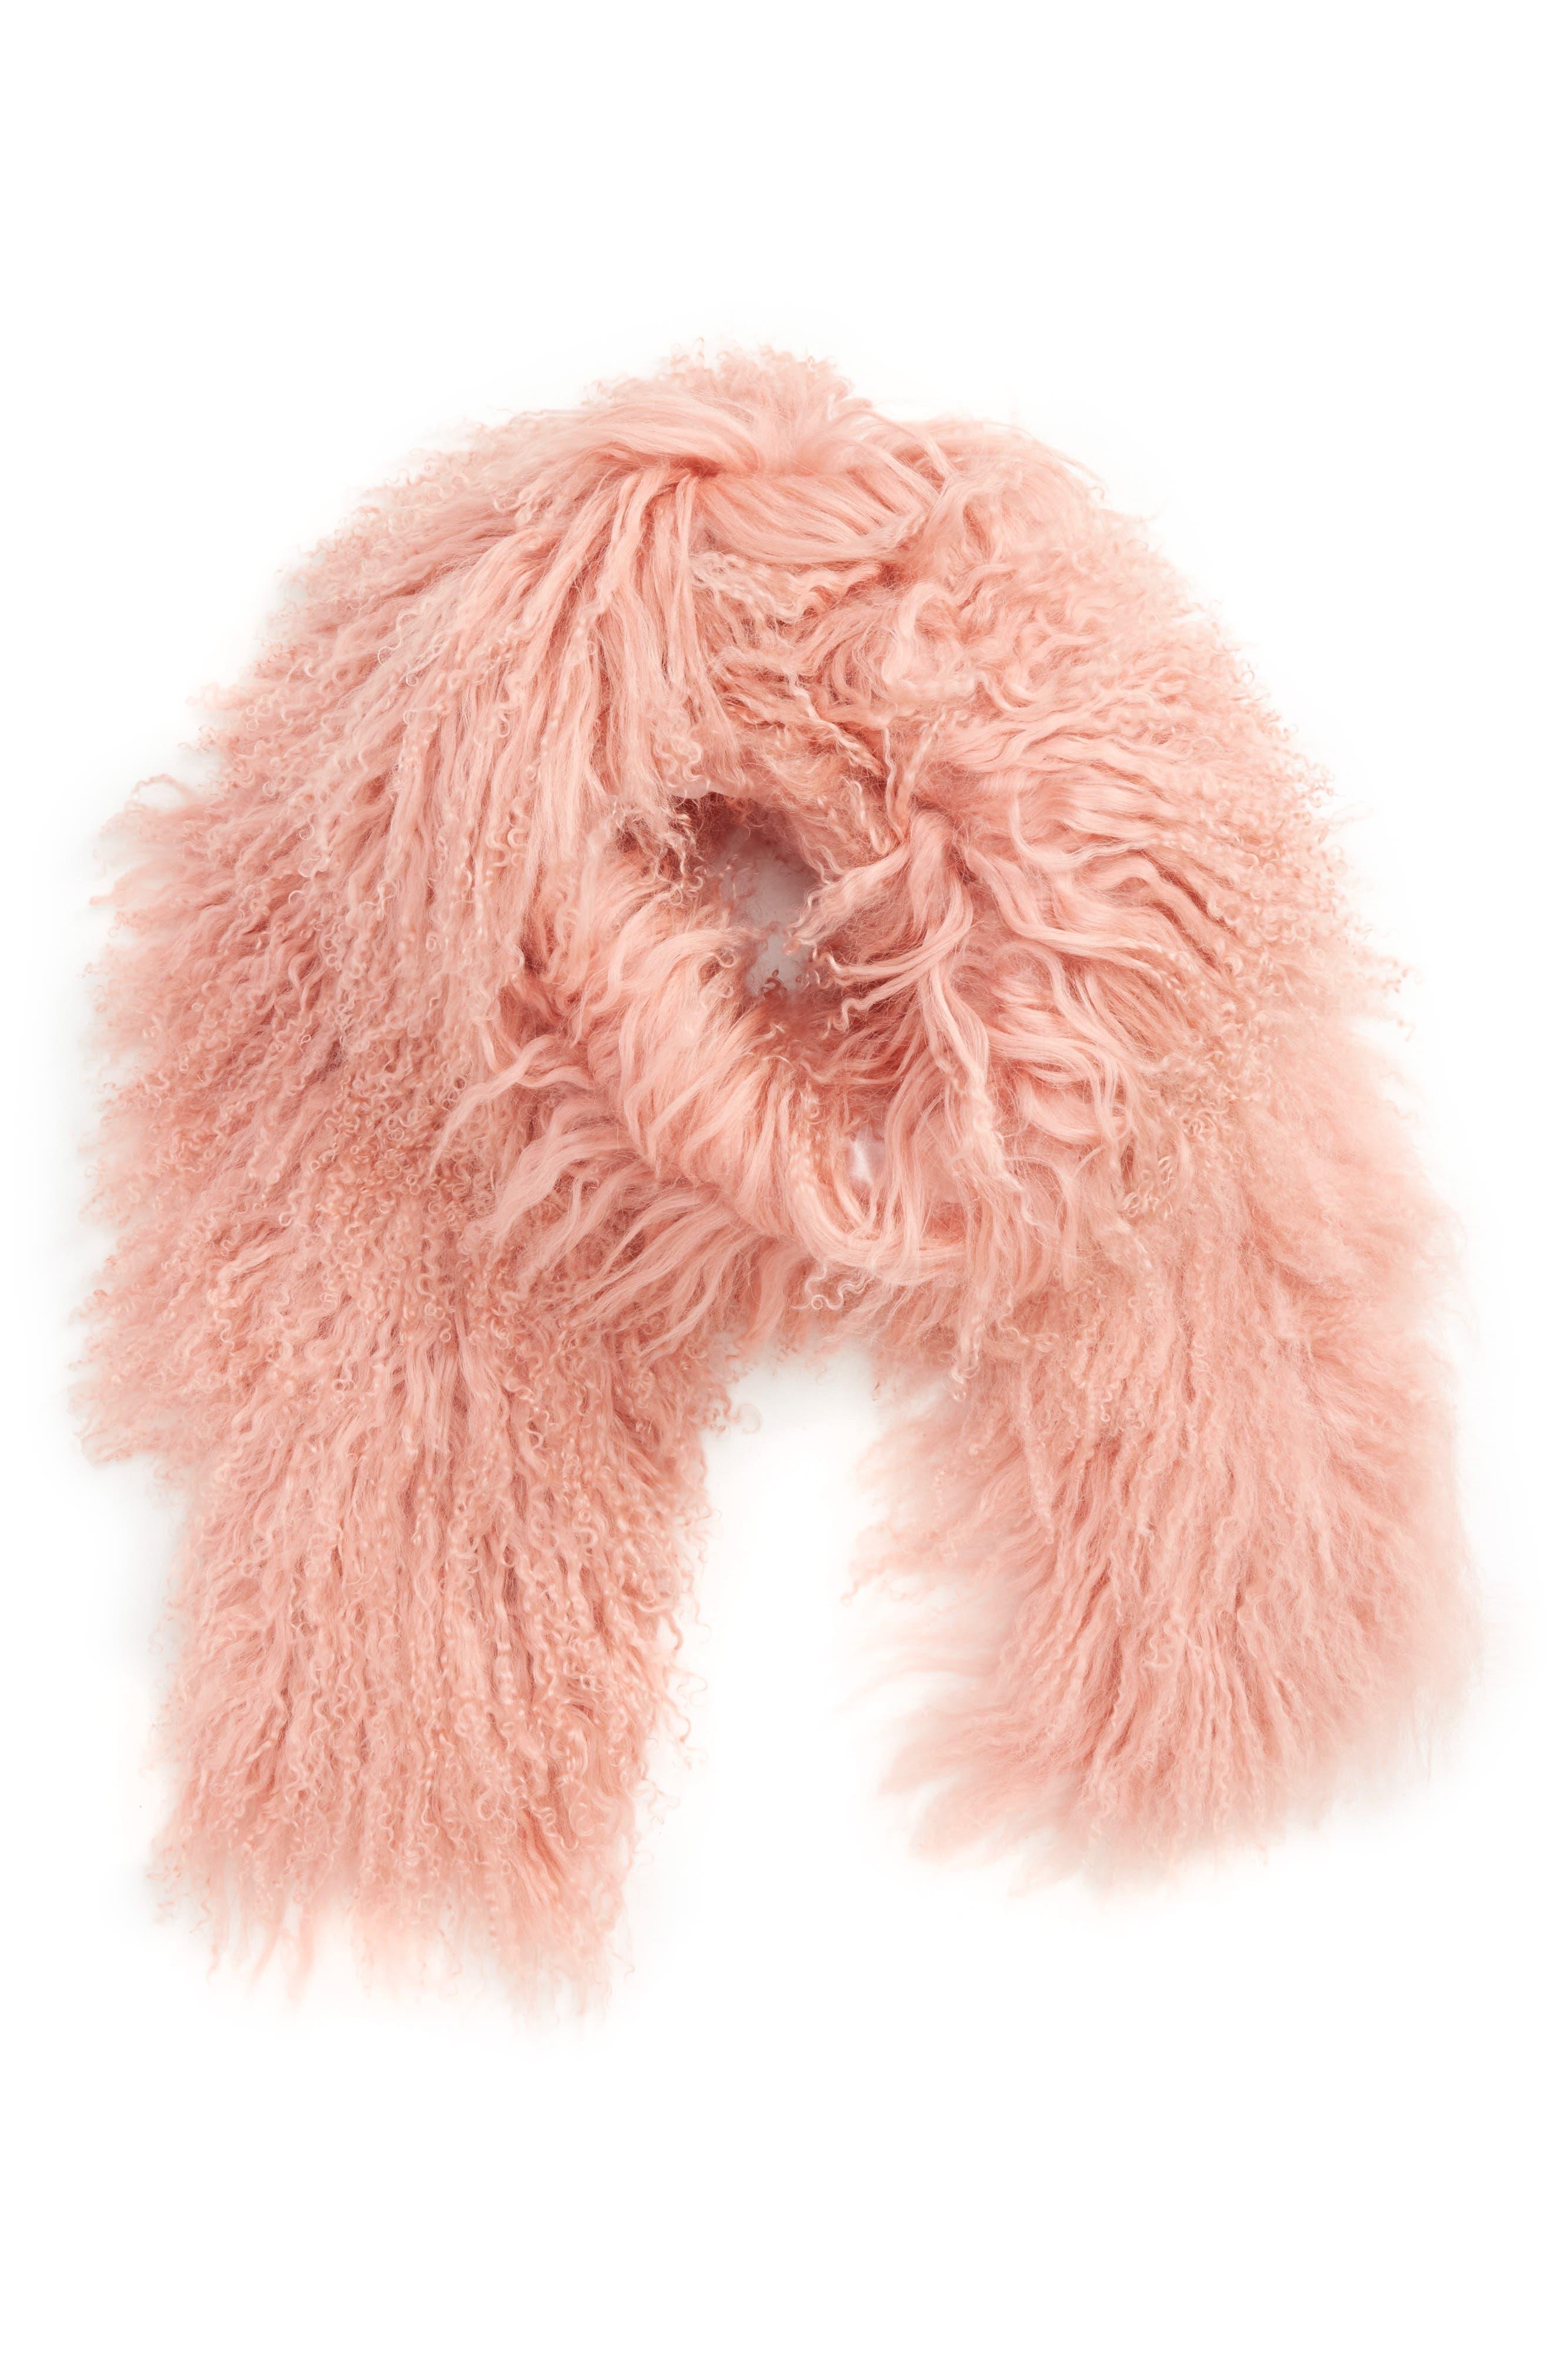 Alternate Image 1 Selected - Toria Rose Genuine Mongolian Lamb Fur Scarf